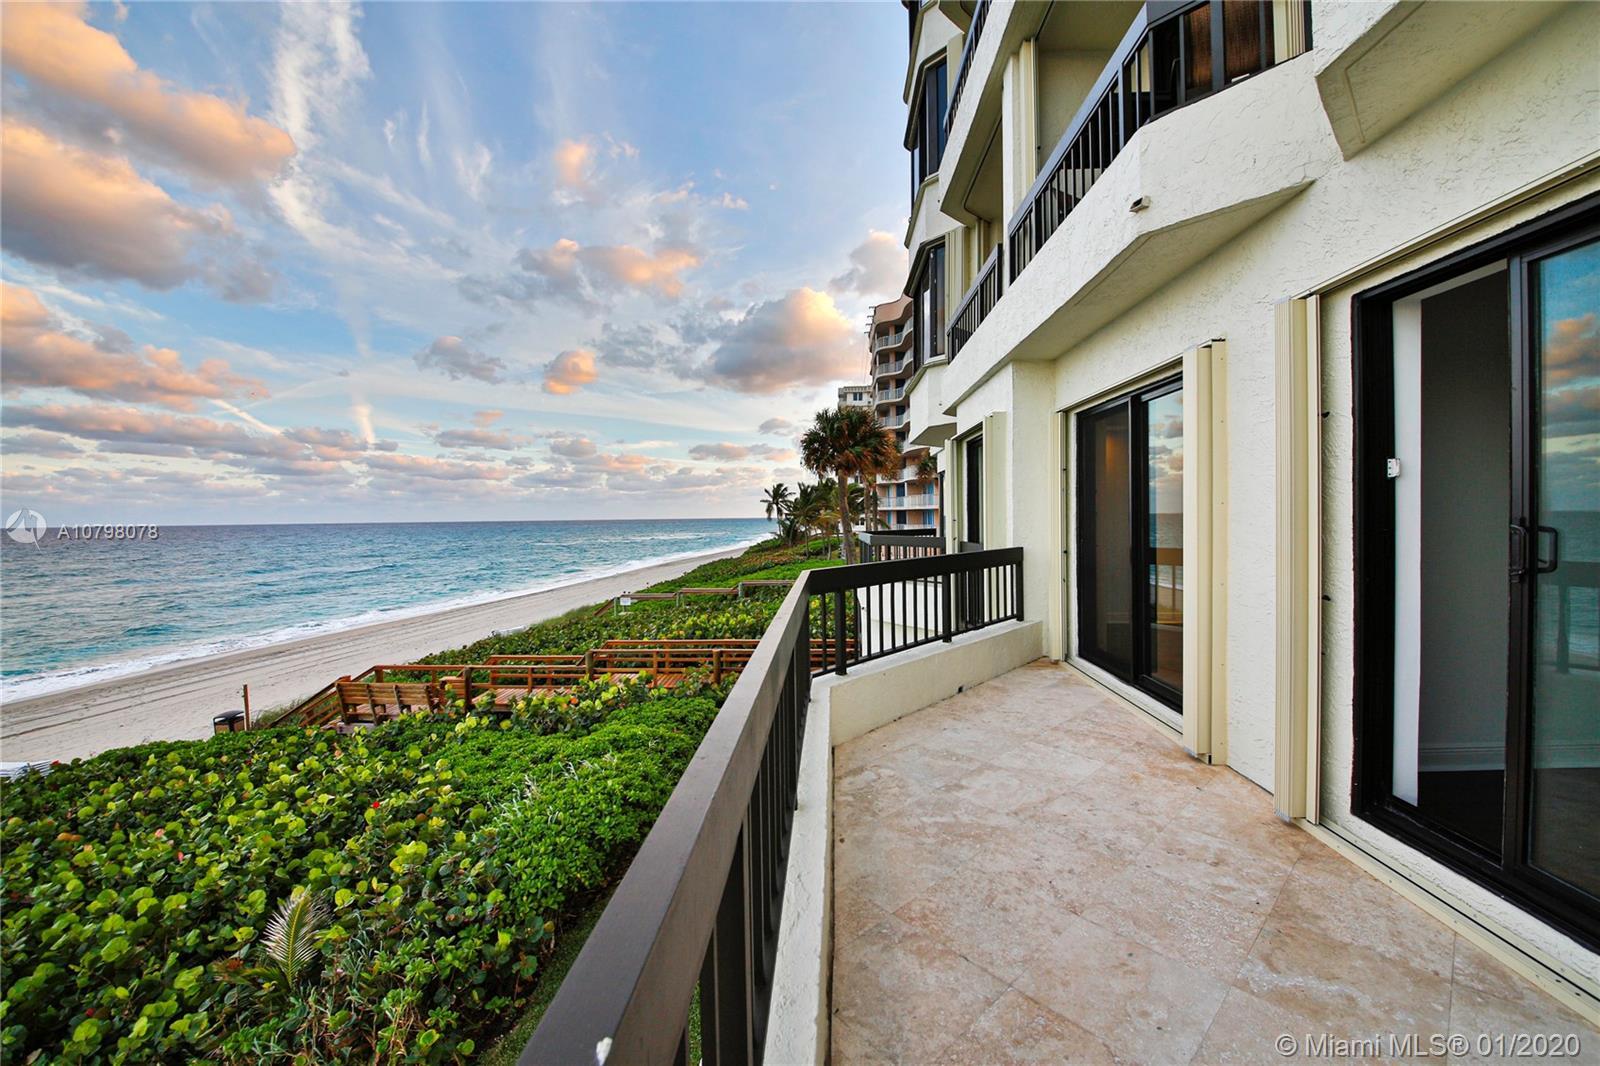 3201 S Ocean Blvd, 101 - Highland Beach, Florida